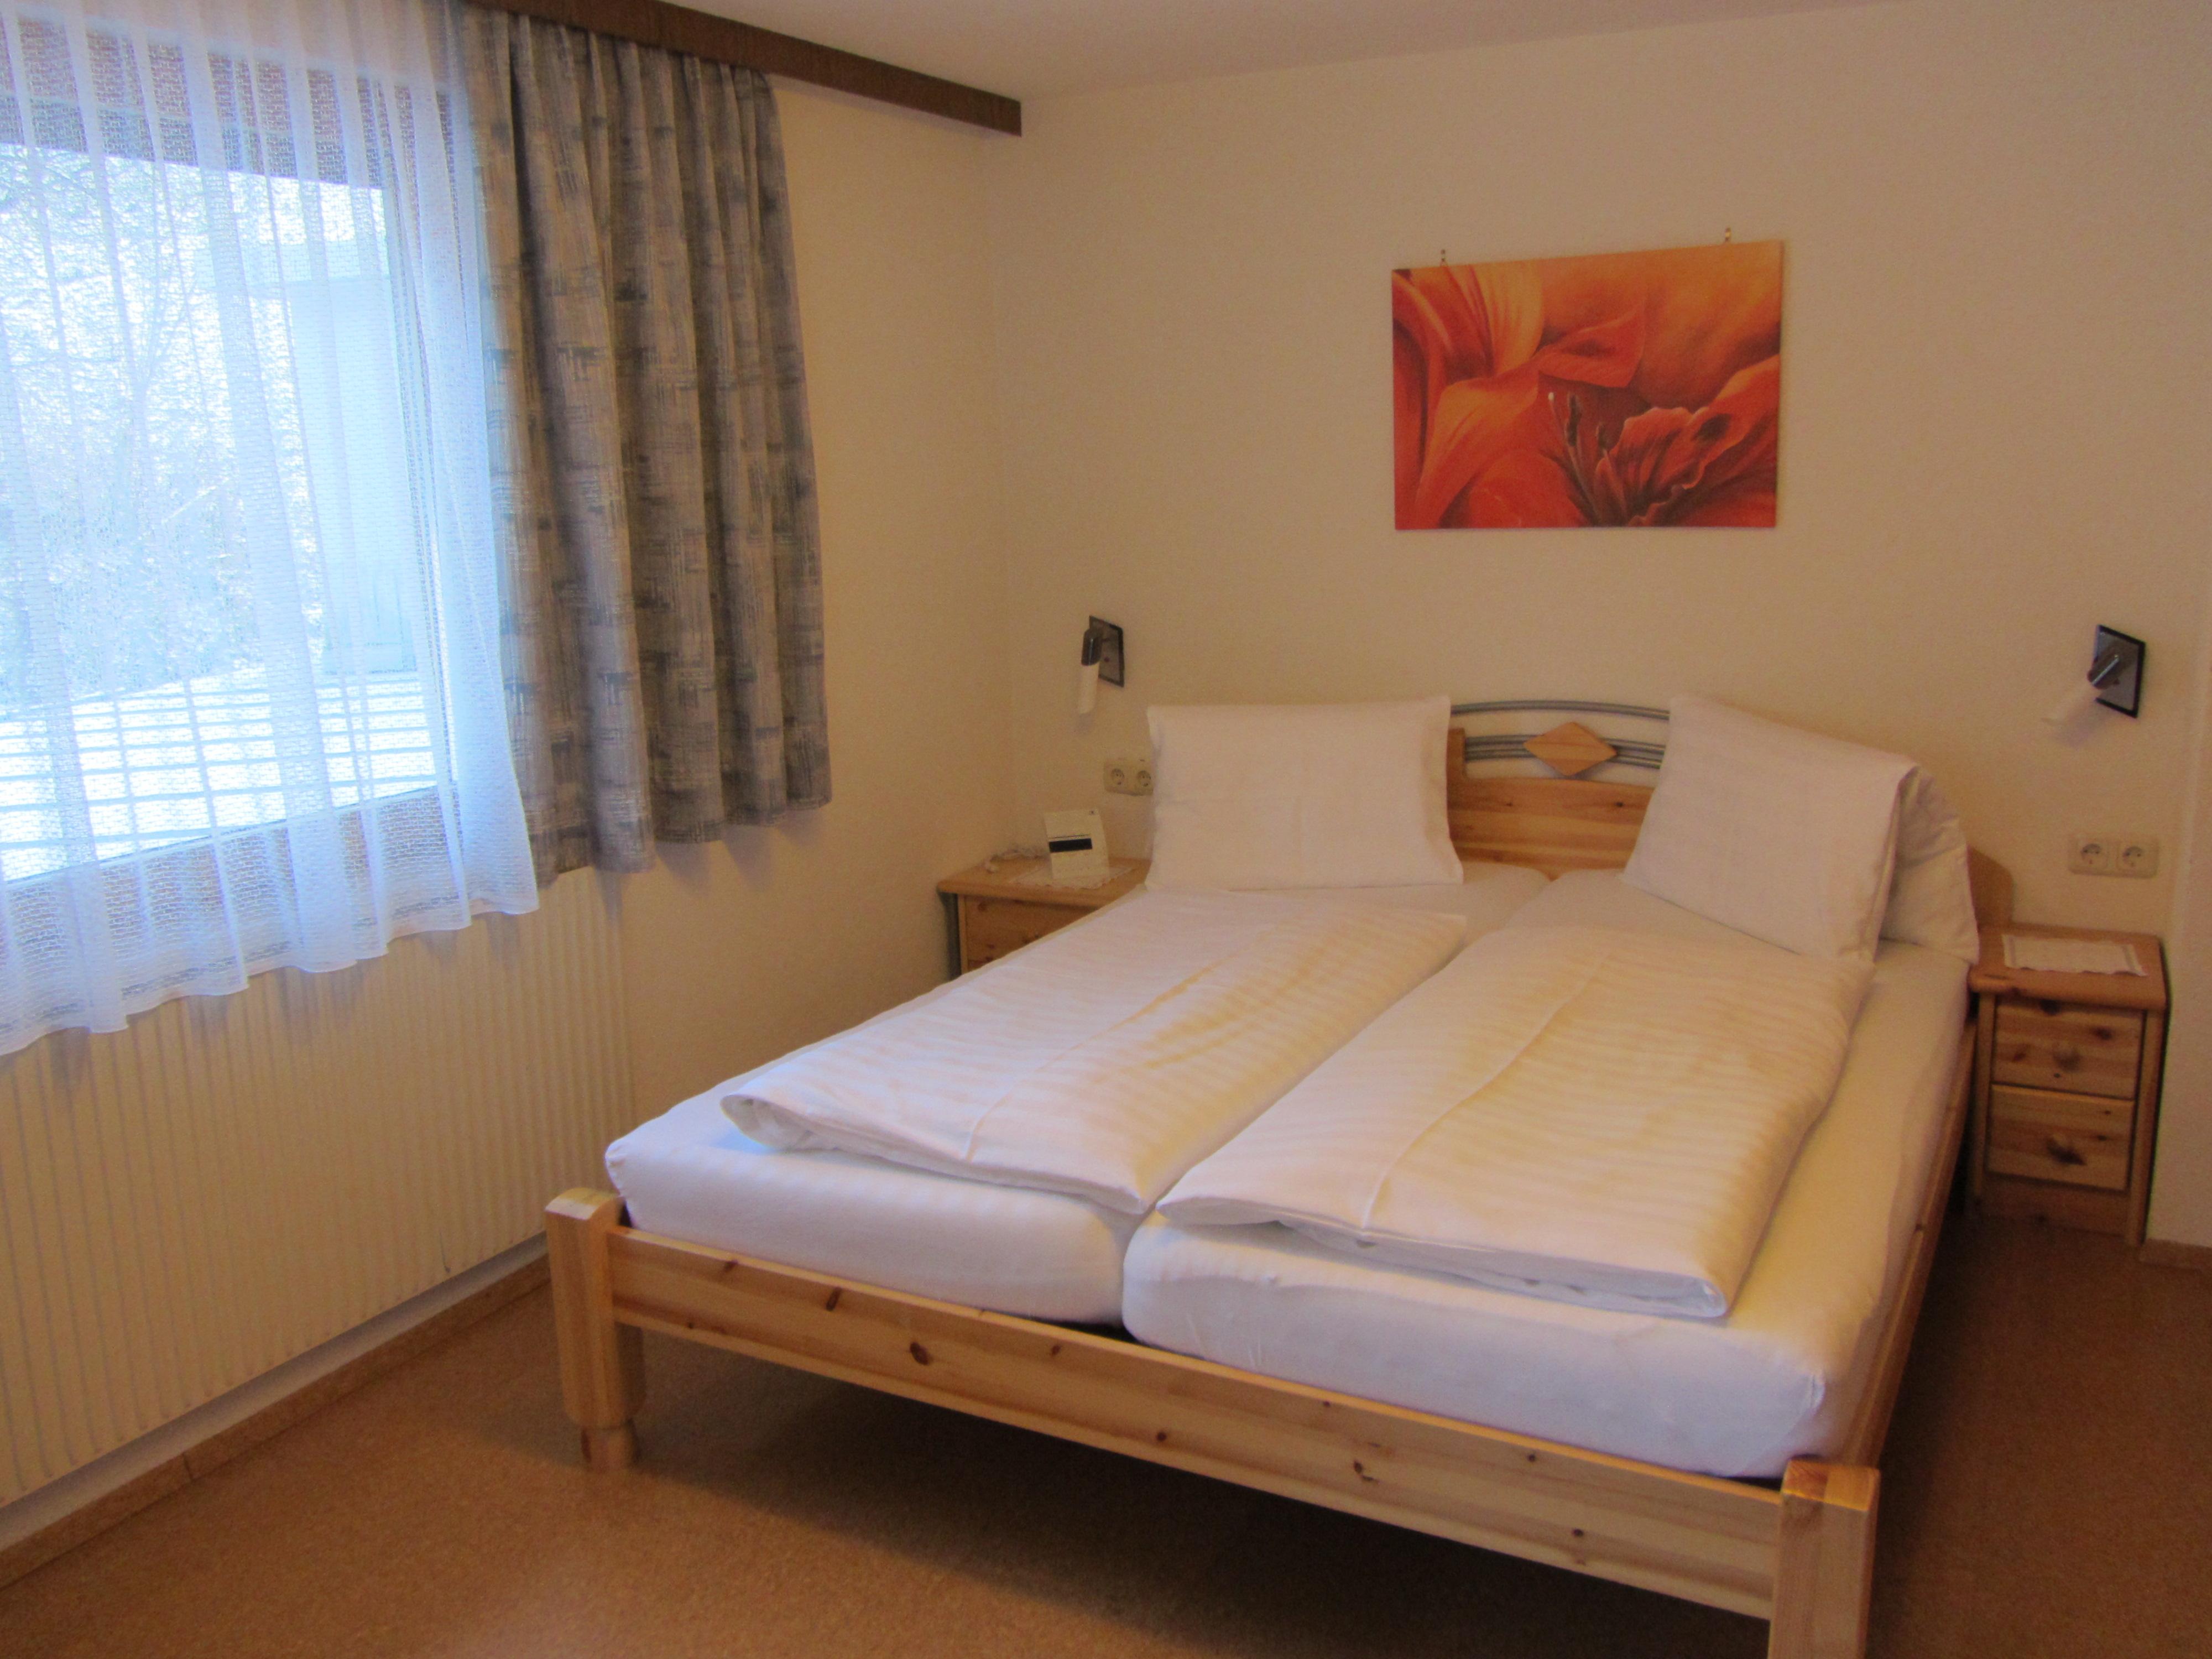 Appartement Furgler - Schlafzimmer 1